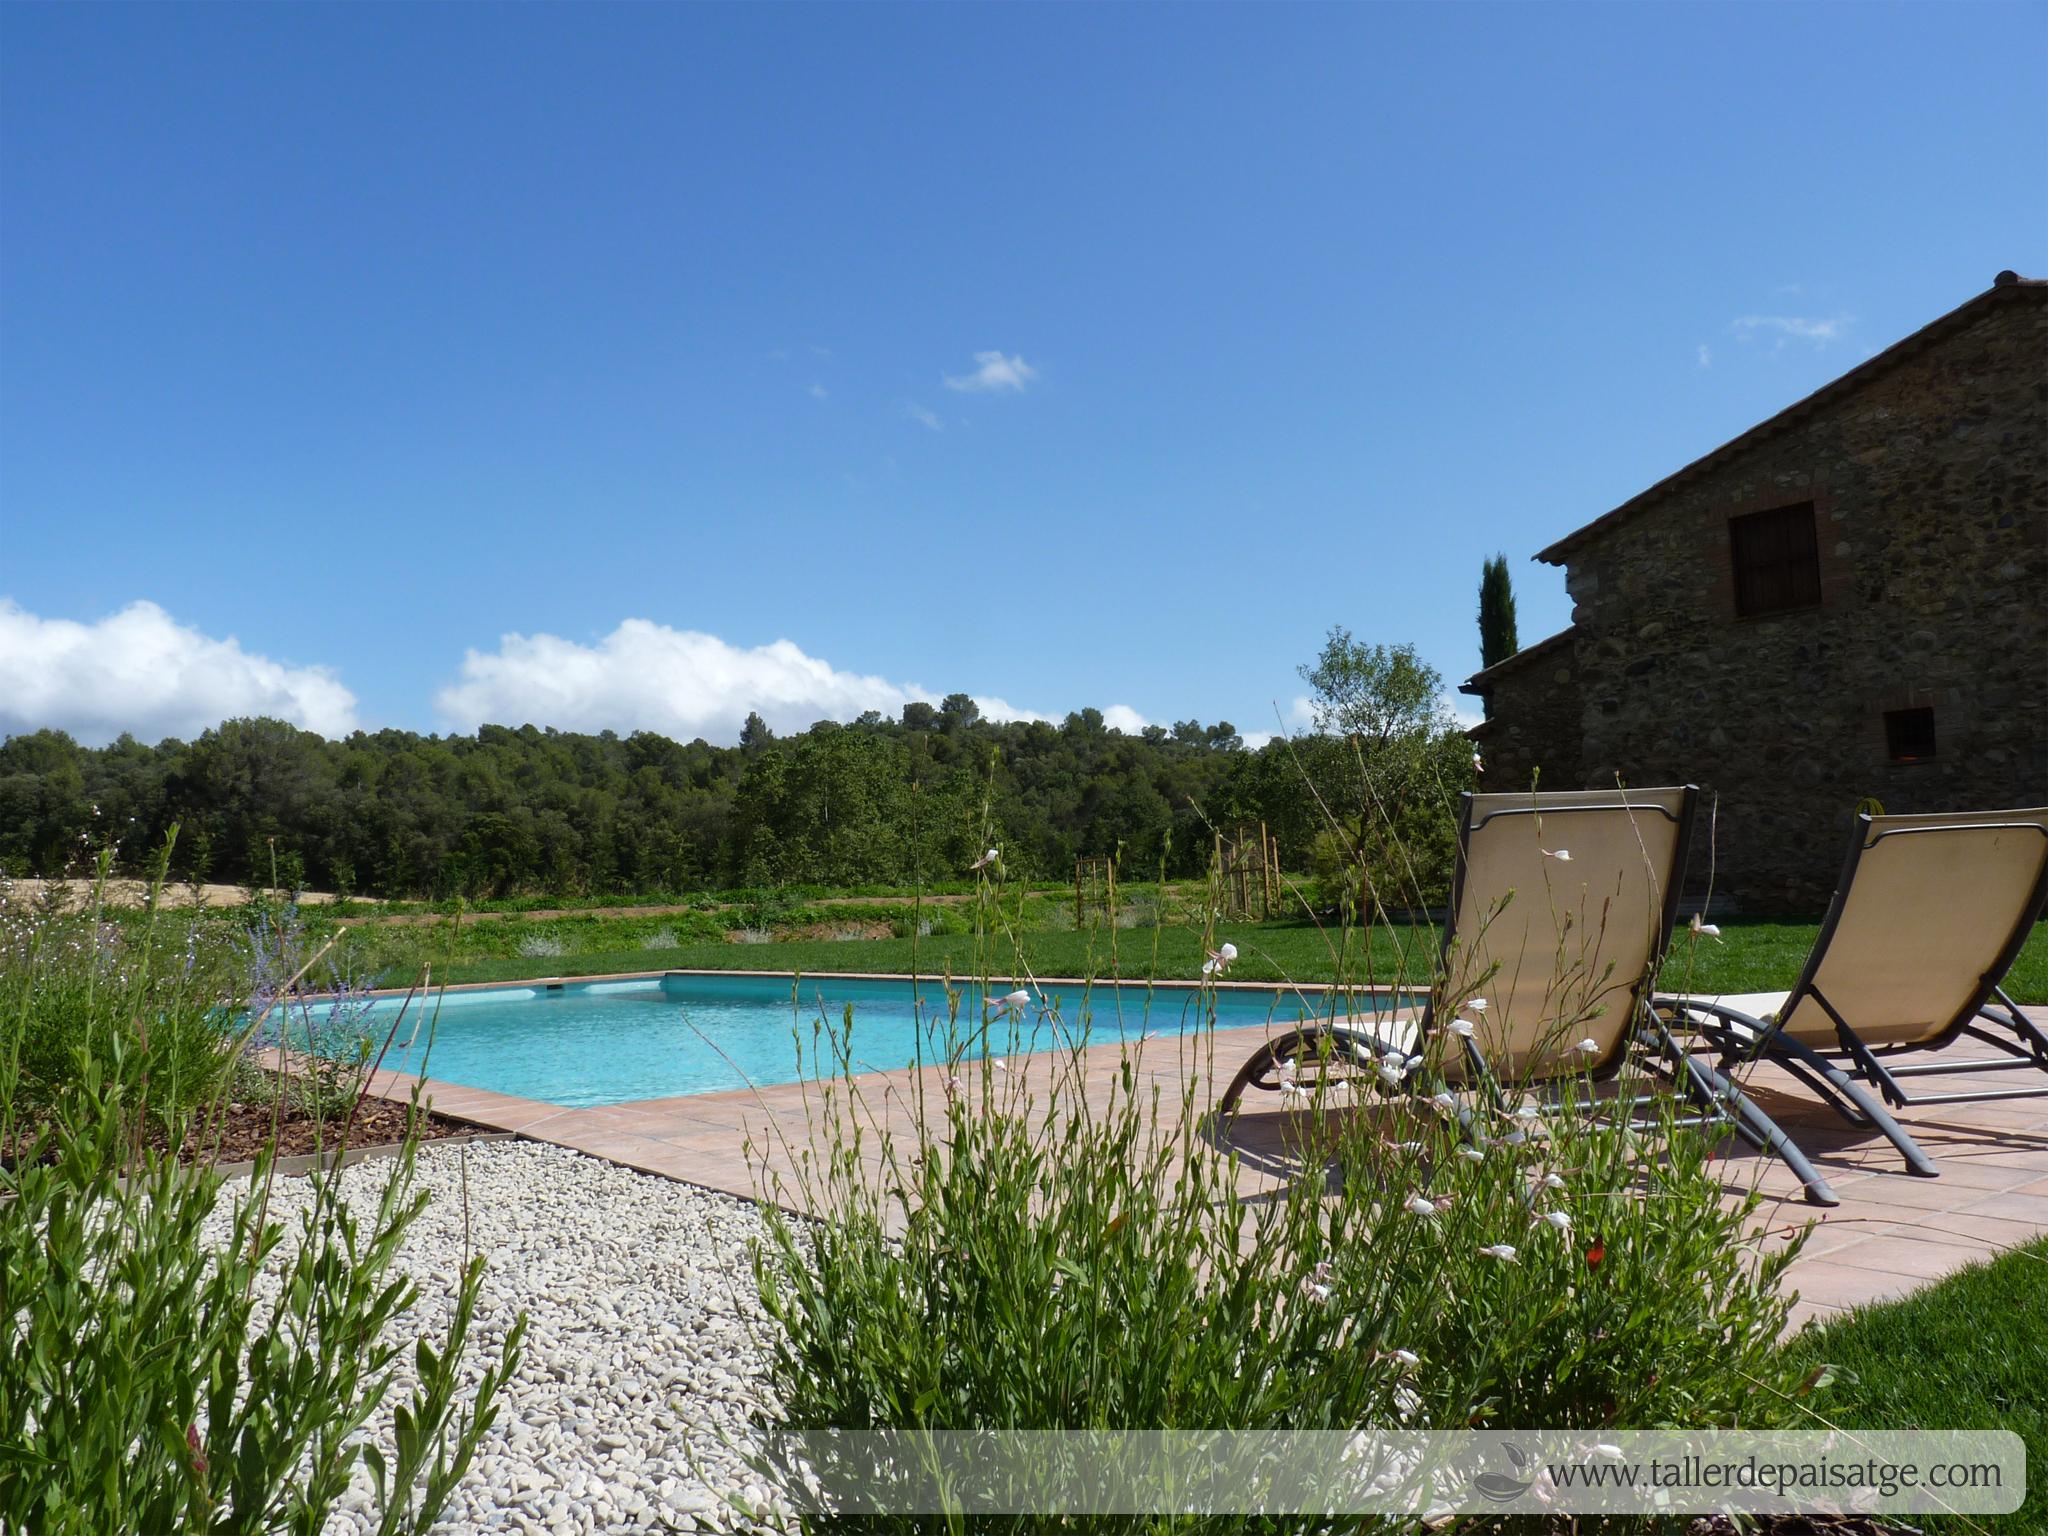 Jardí i piscina masia